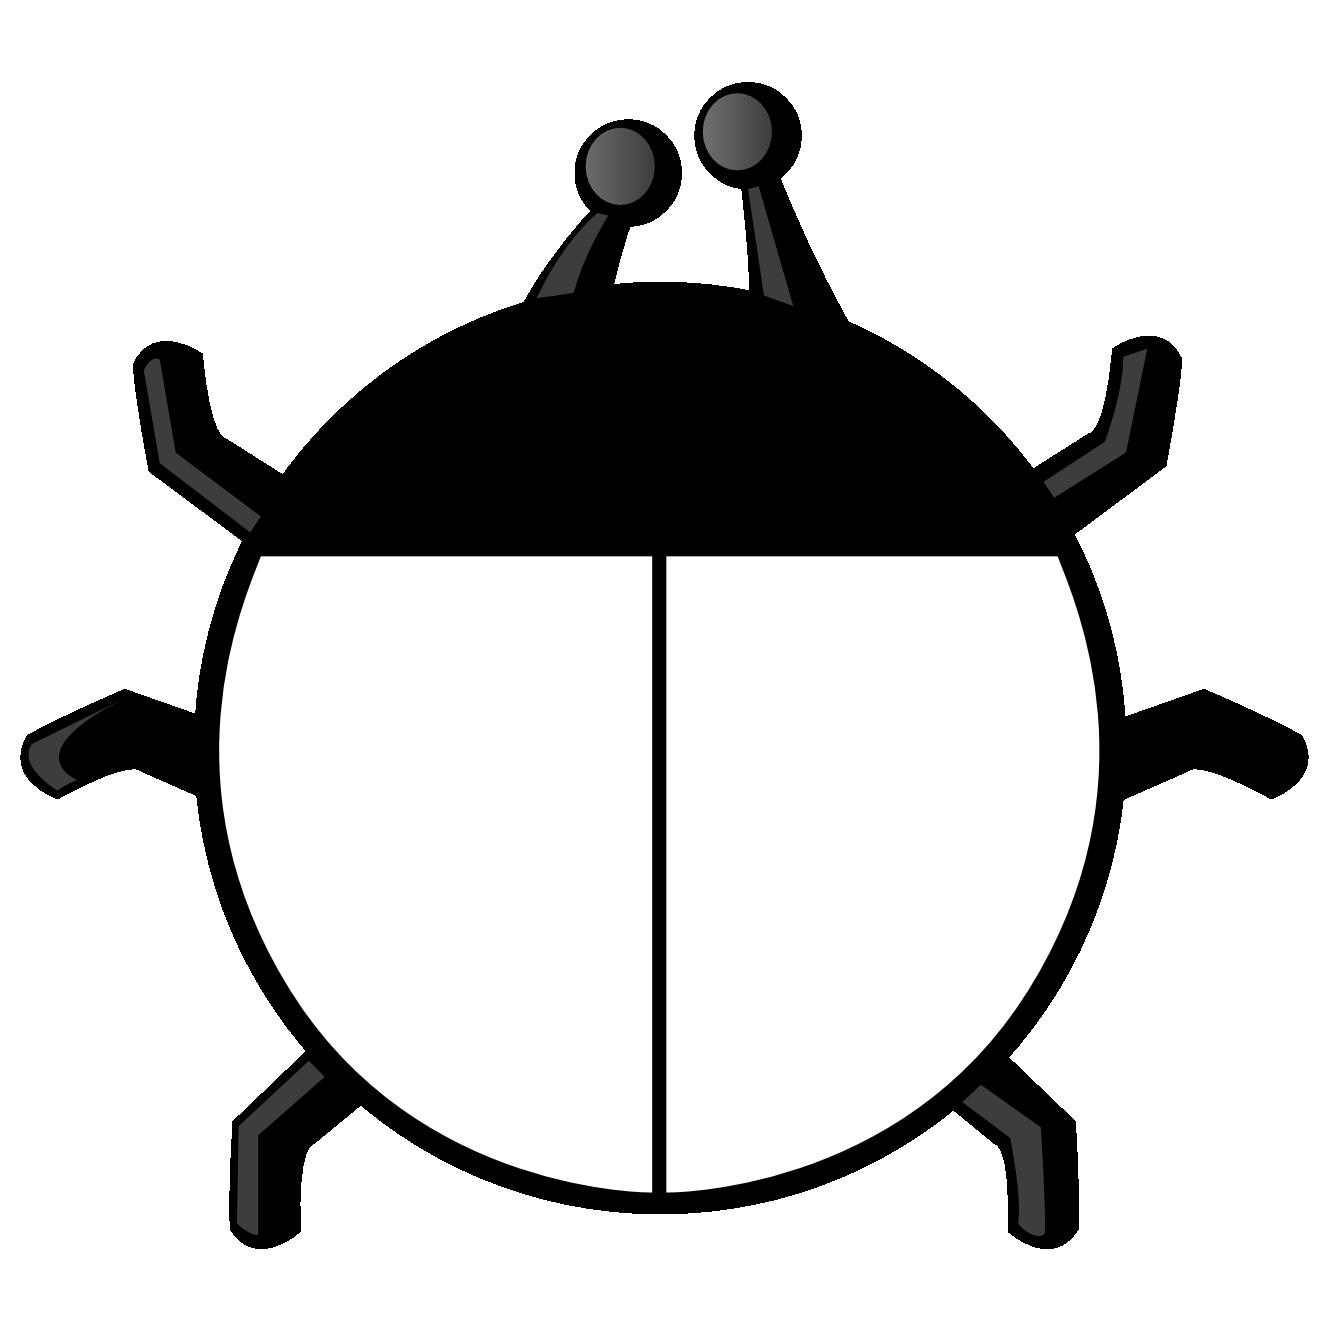 Ladybug . Lake clipart black and white